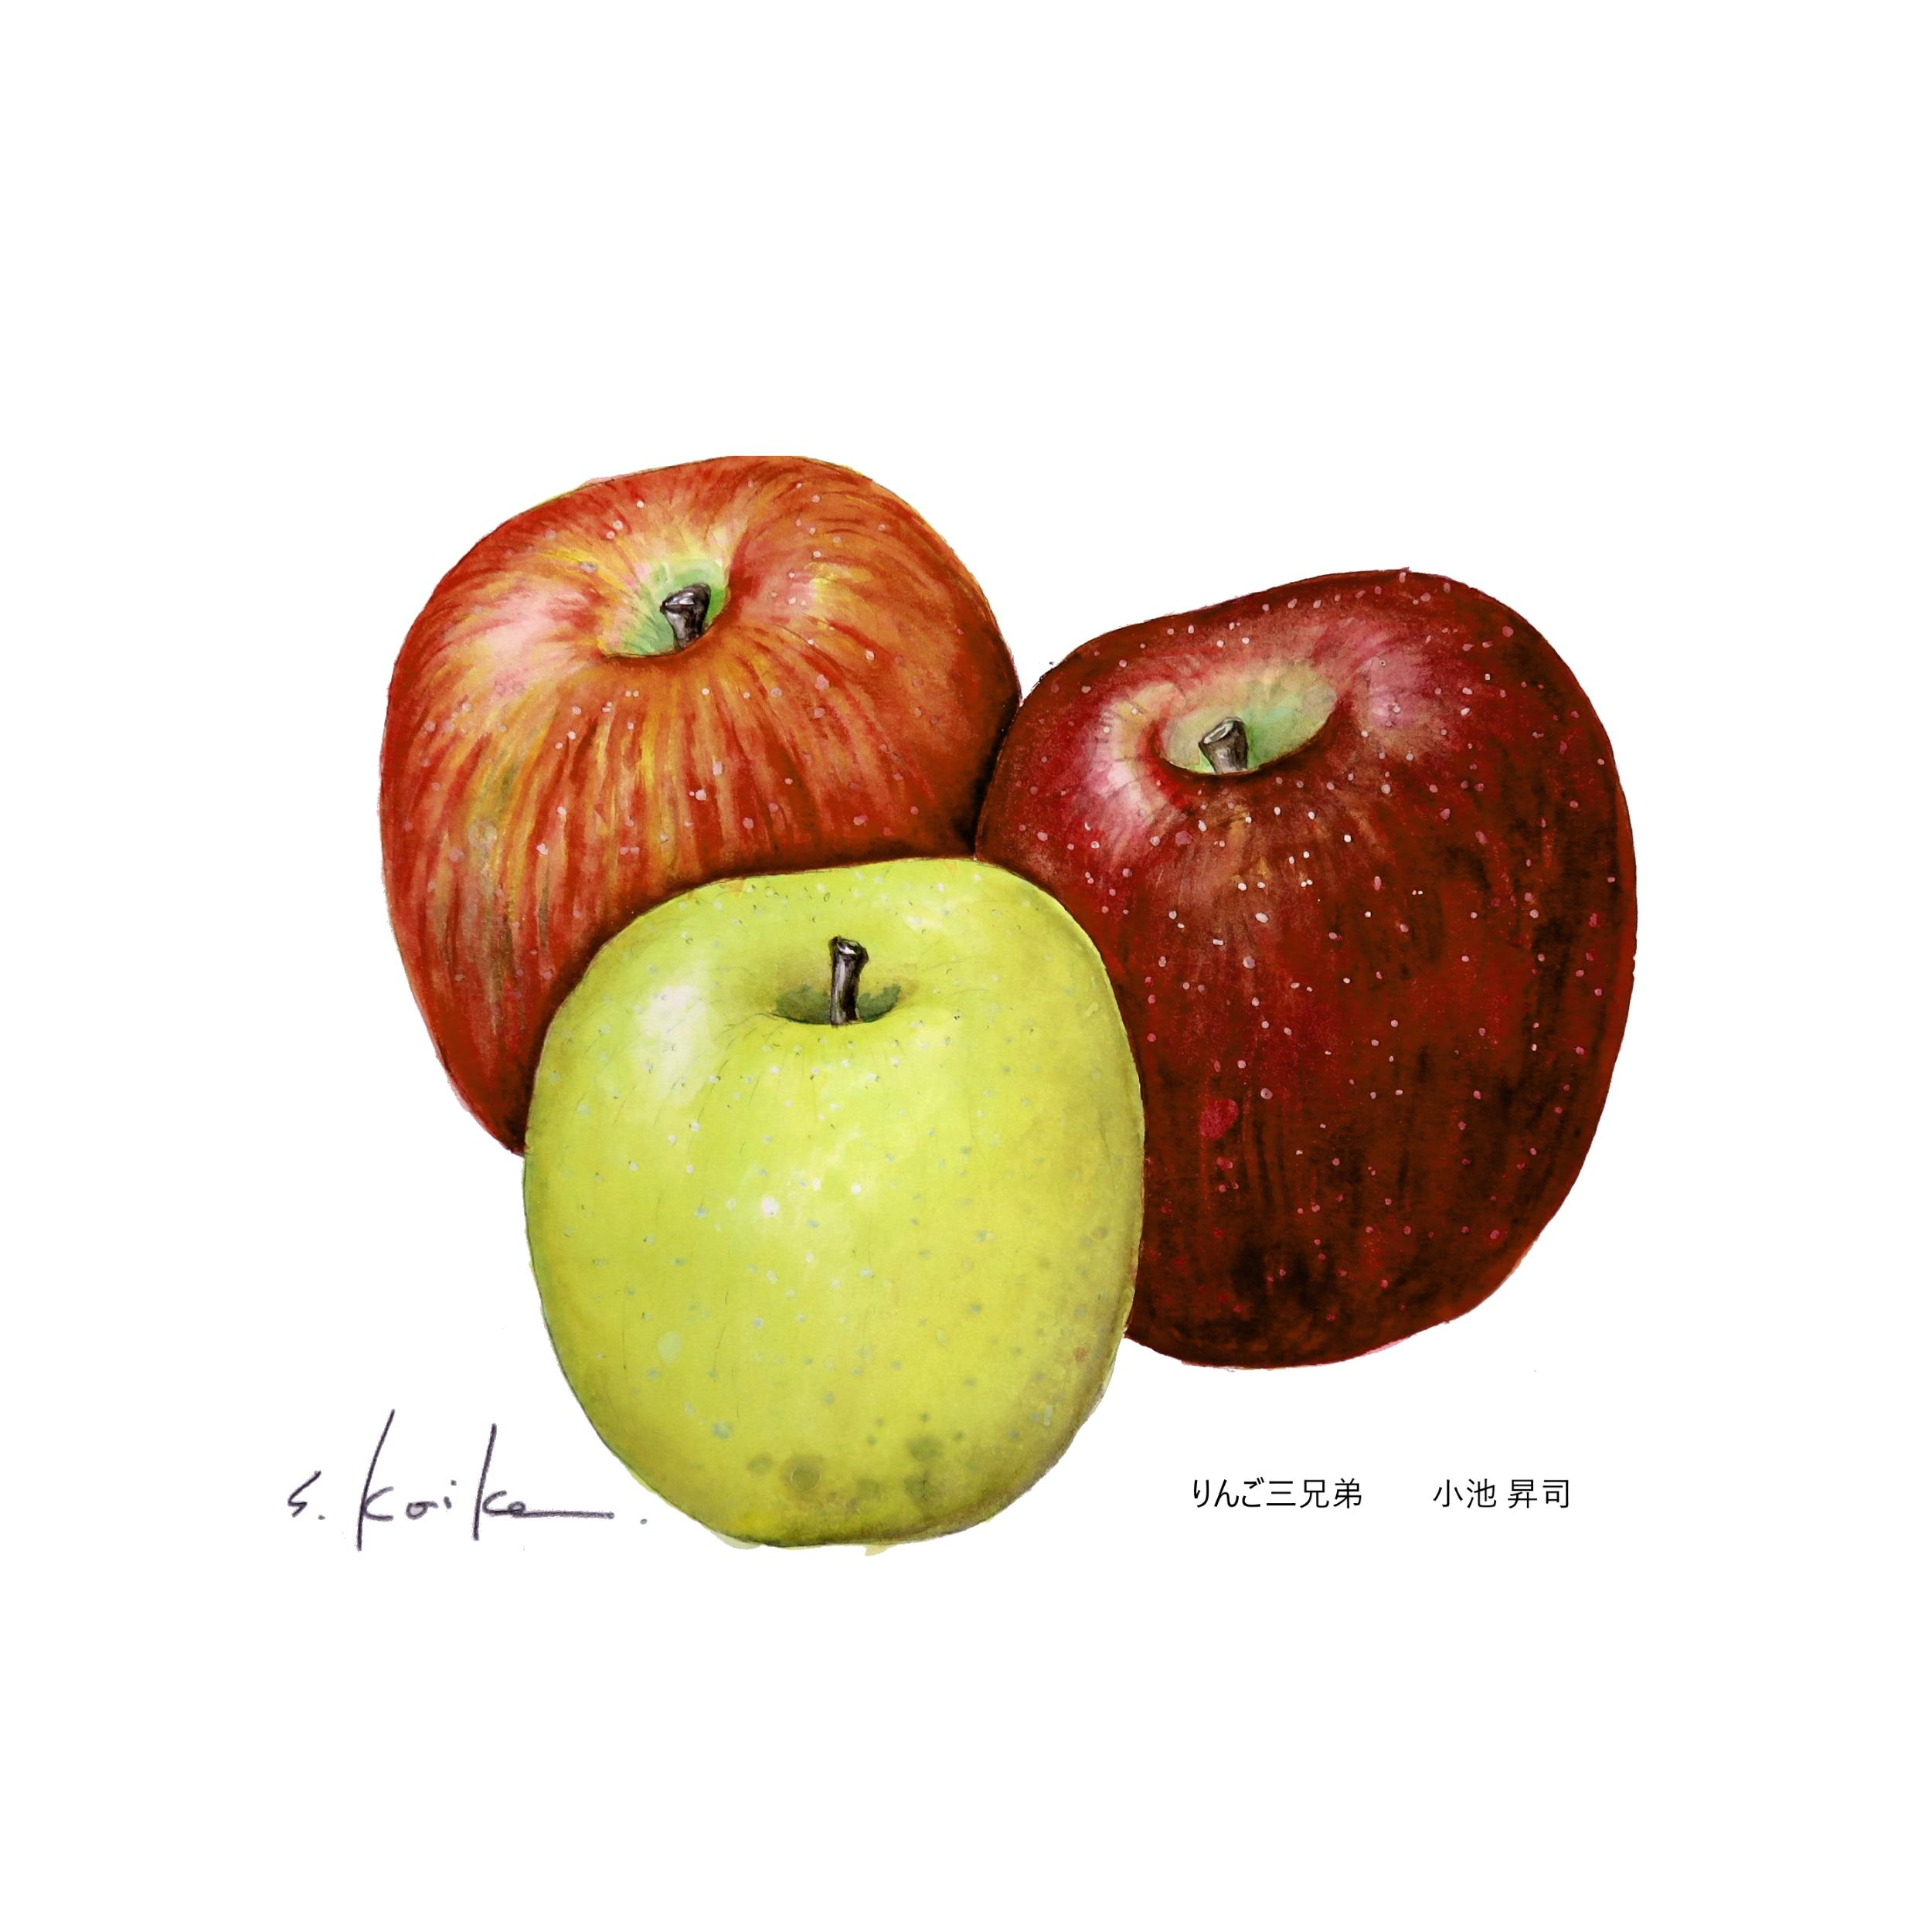 小池りんご三兄弟201711-500